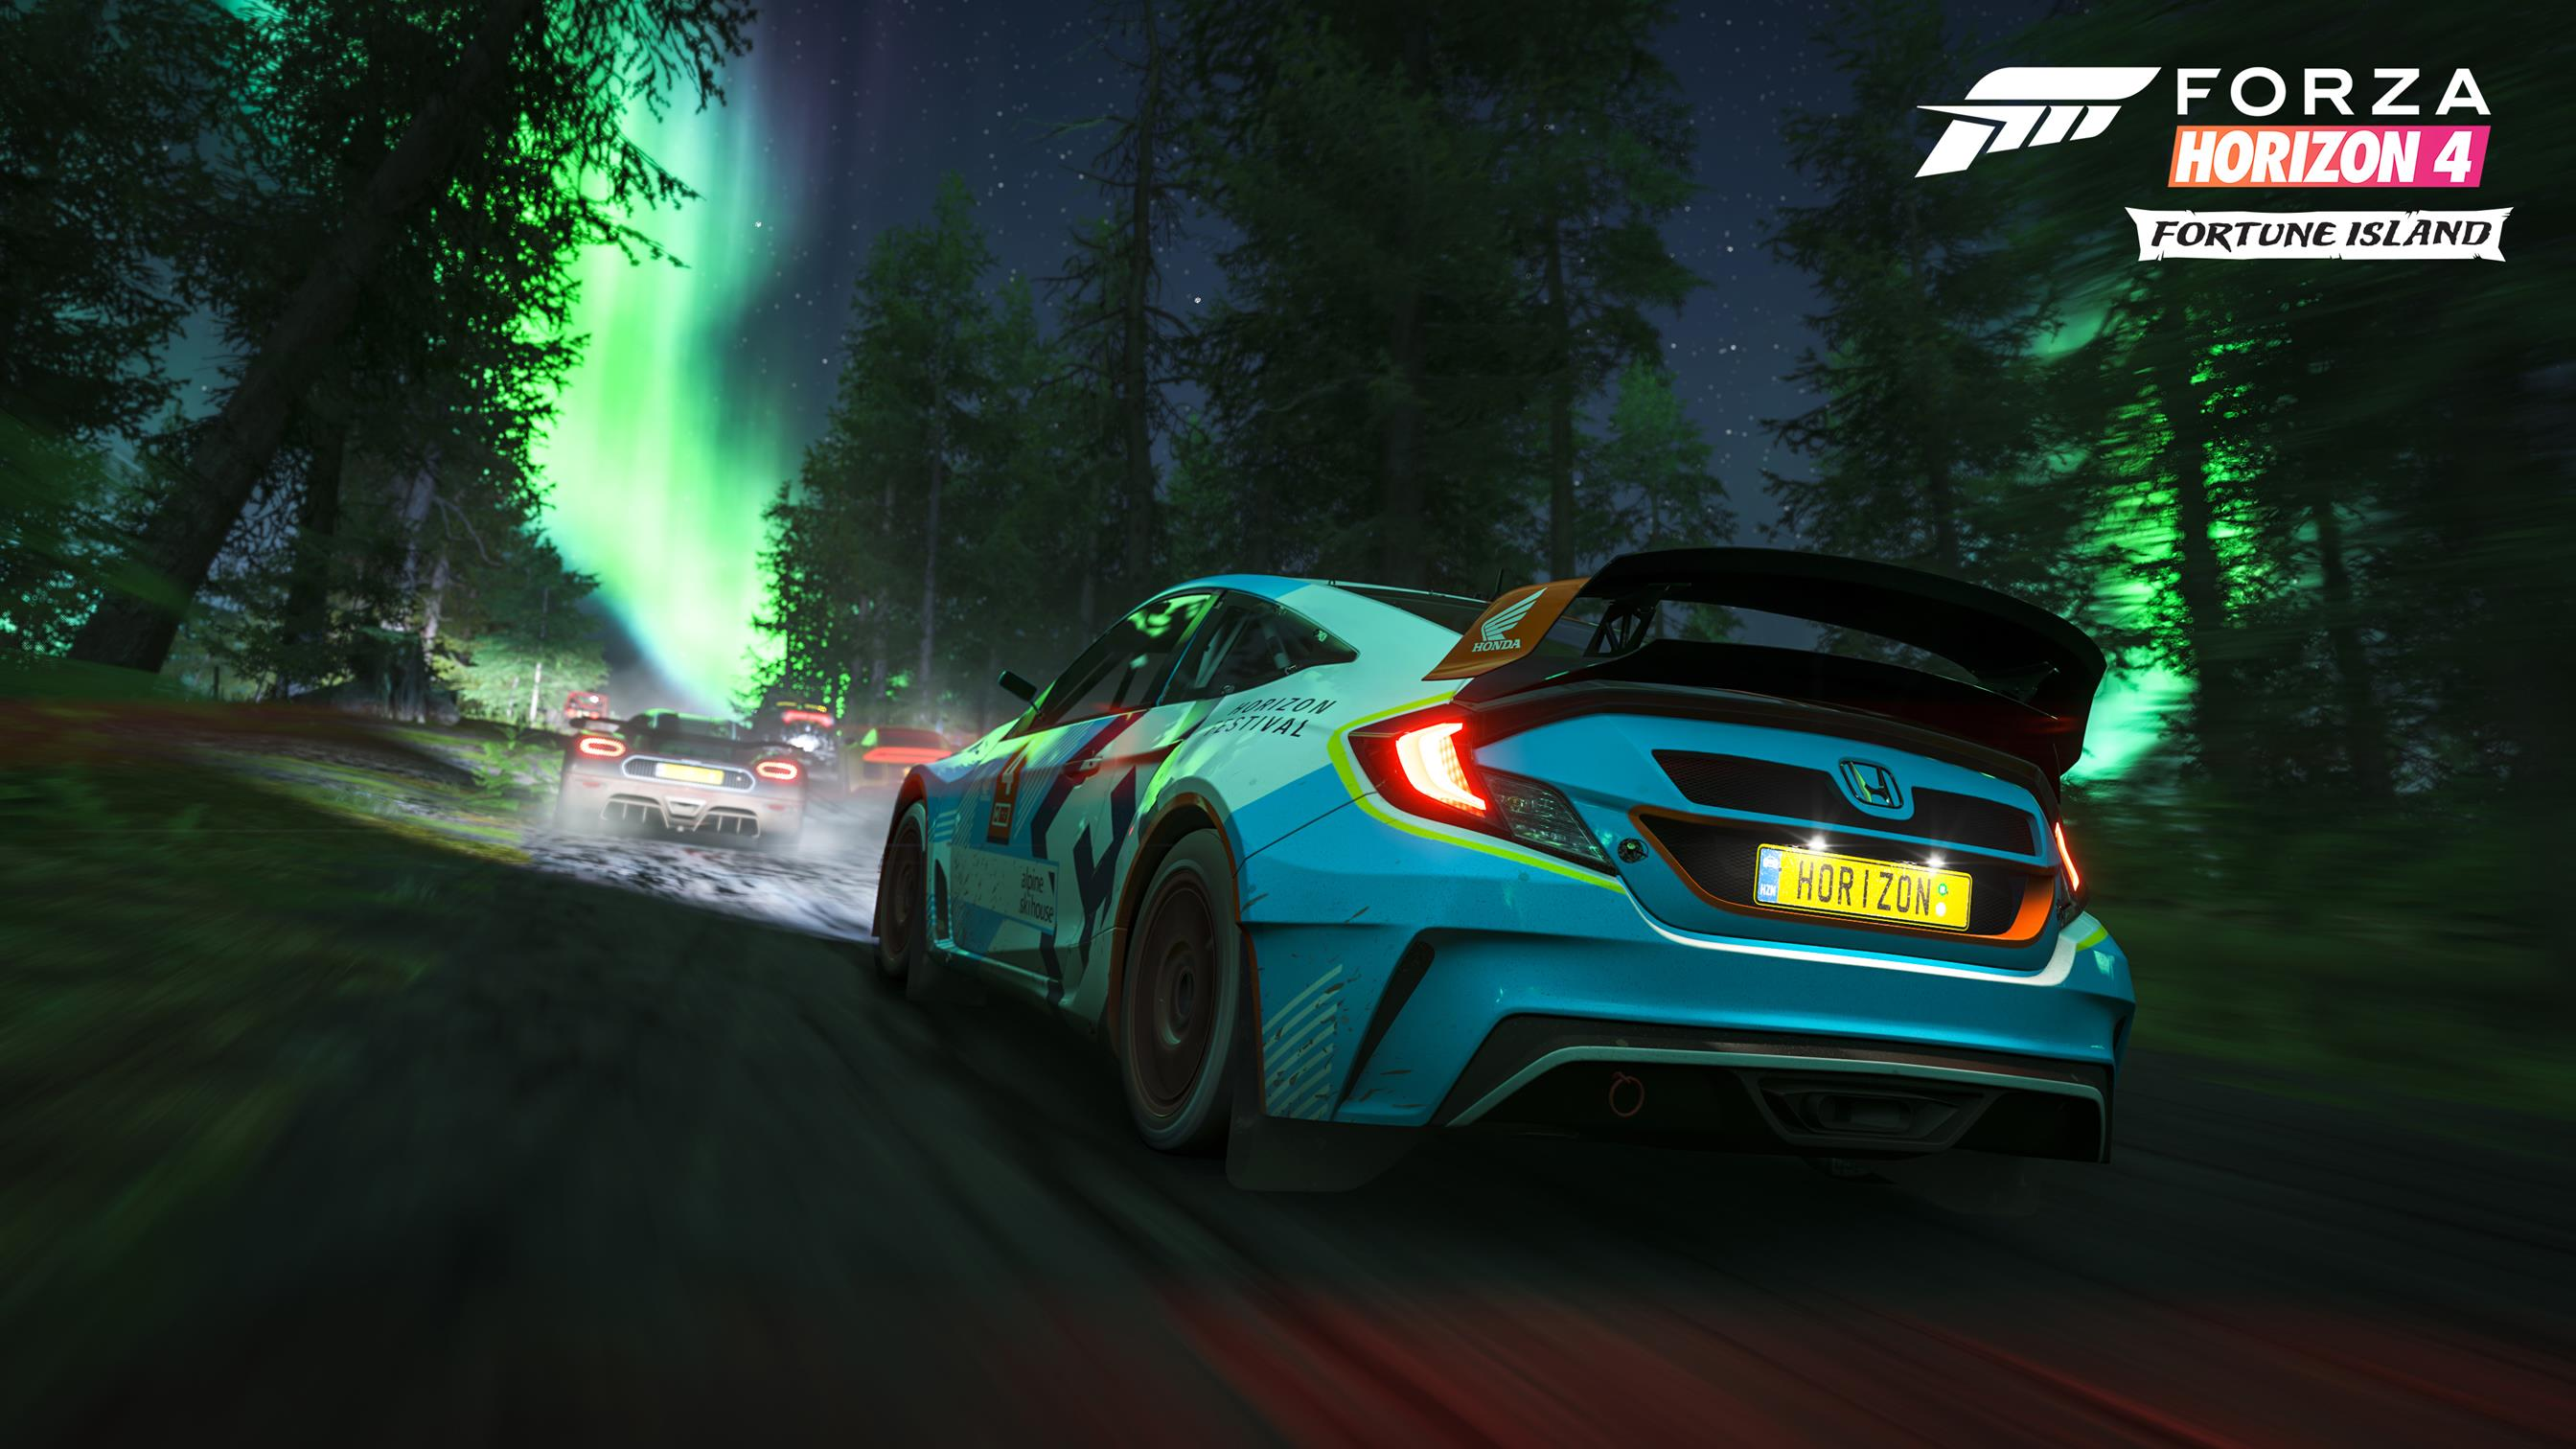 فورزا هورايزن 4: بعد عشرة أشهر ، تعد لعبة Playground Games 'racer الوحيدة الحصرية لأجهزة Xbox One 3